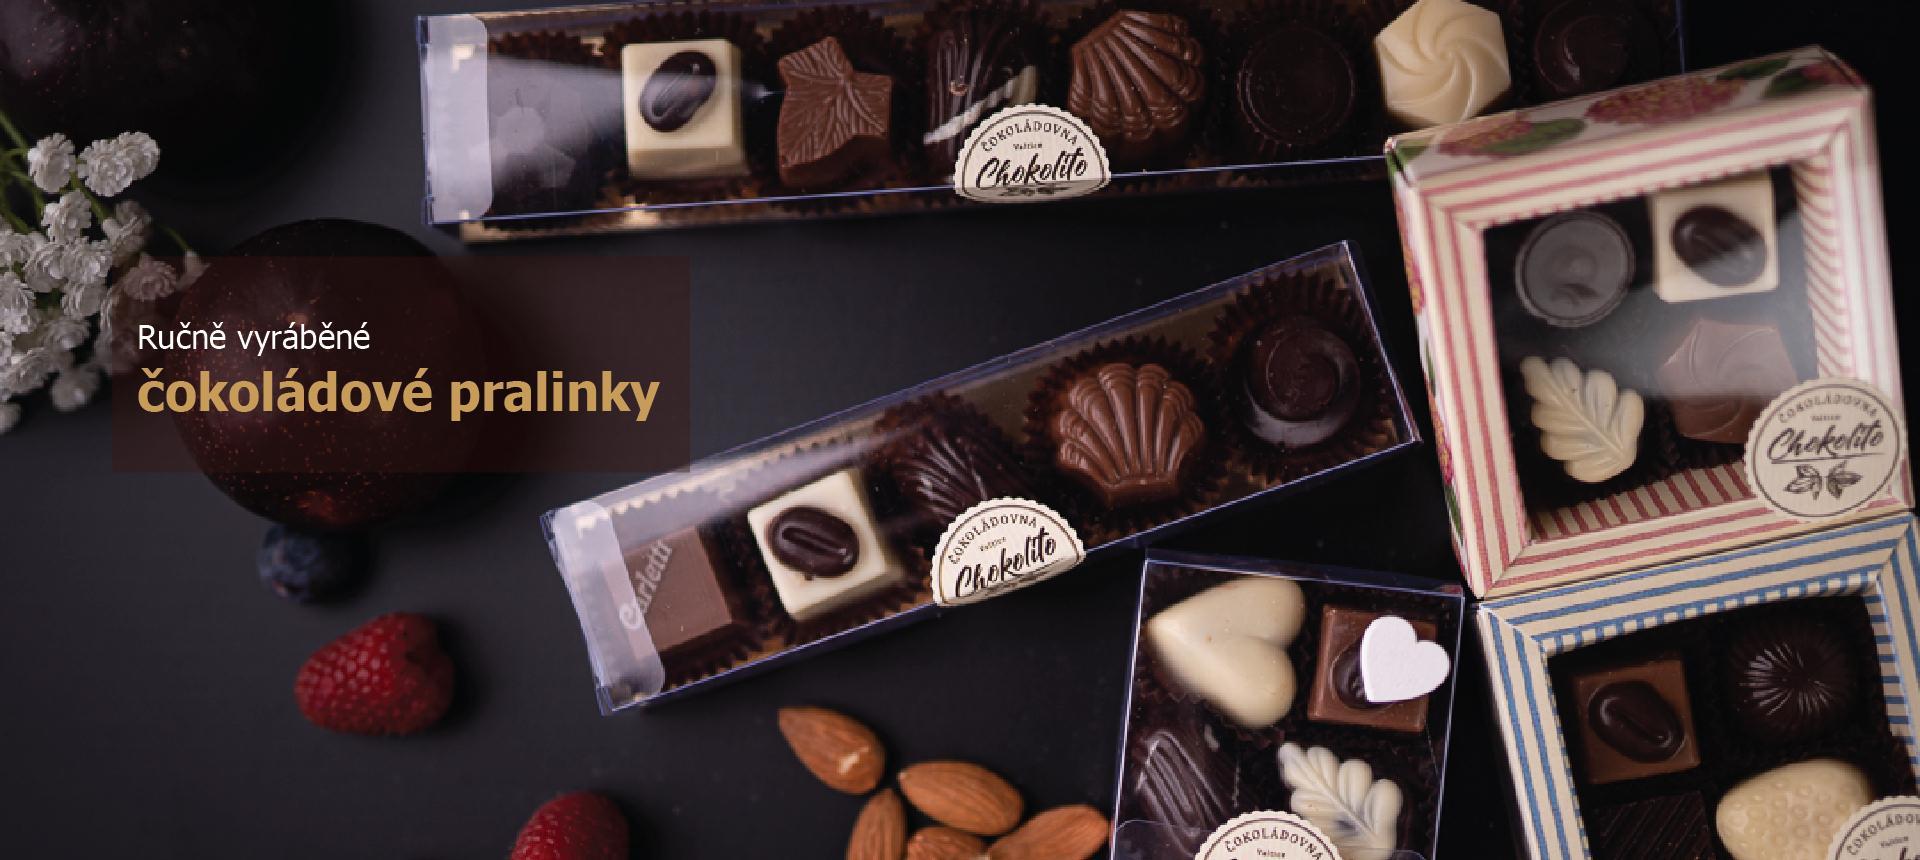 Ručně vyráběné čokoládové pralinky